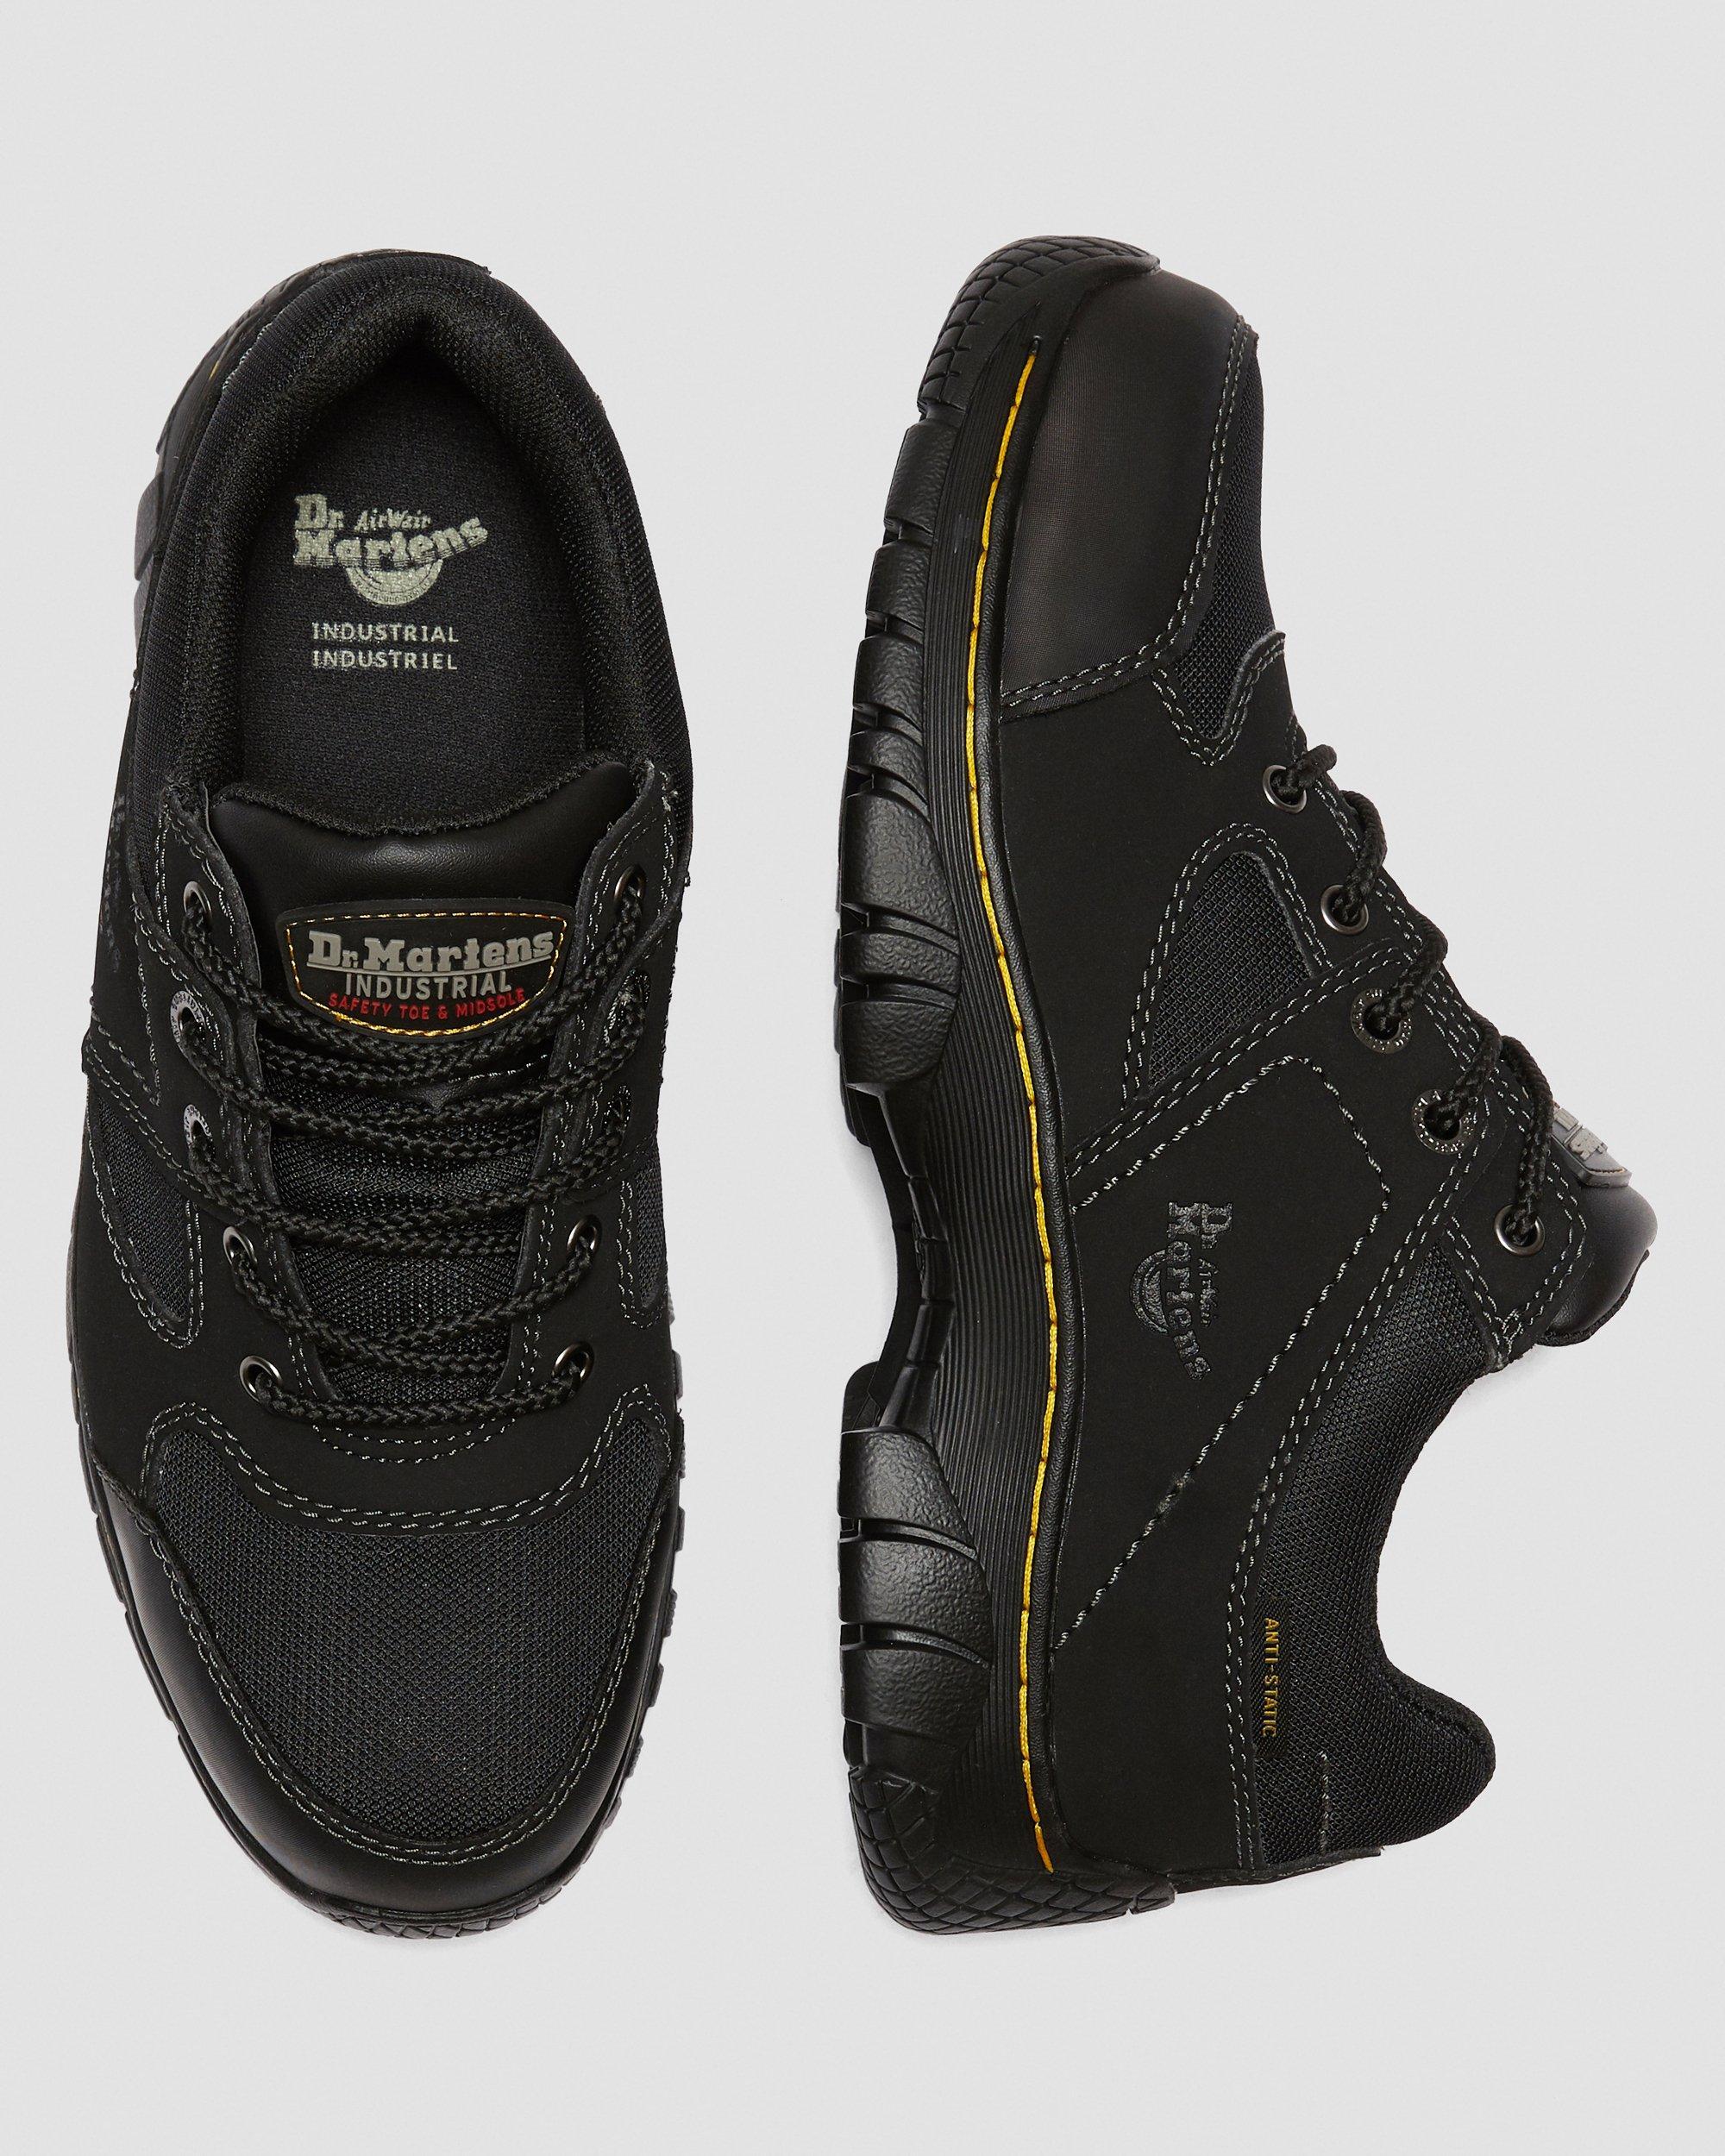 Dr. Martens Industrial Gunaldo, Chaussures de sécurité